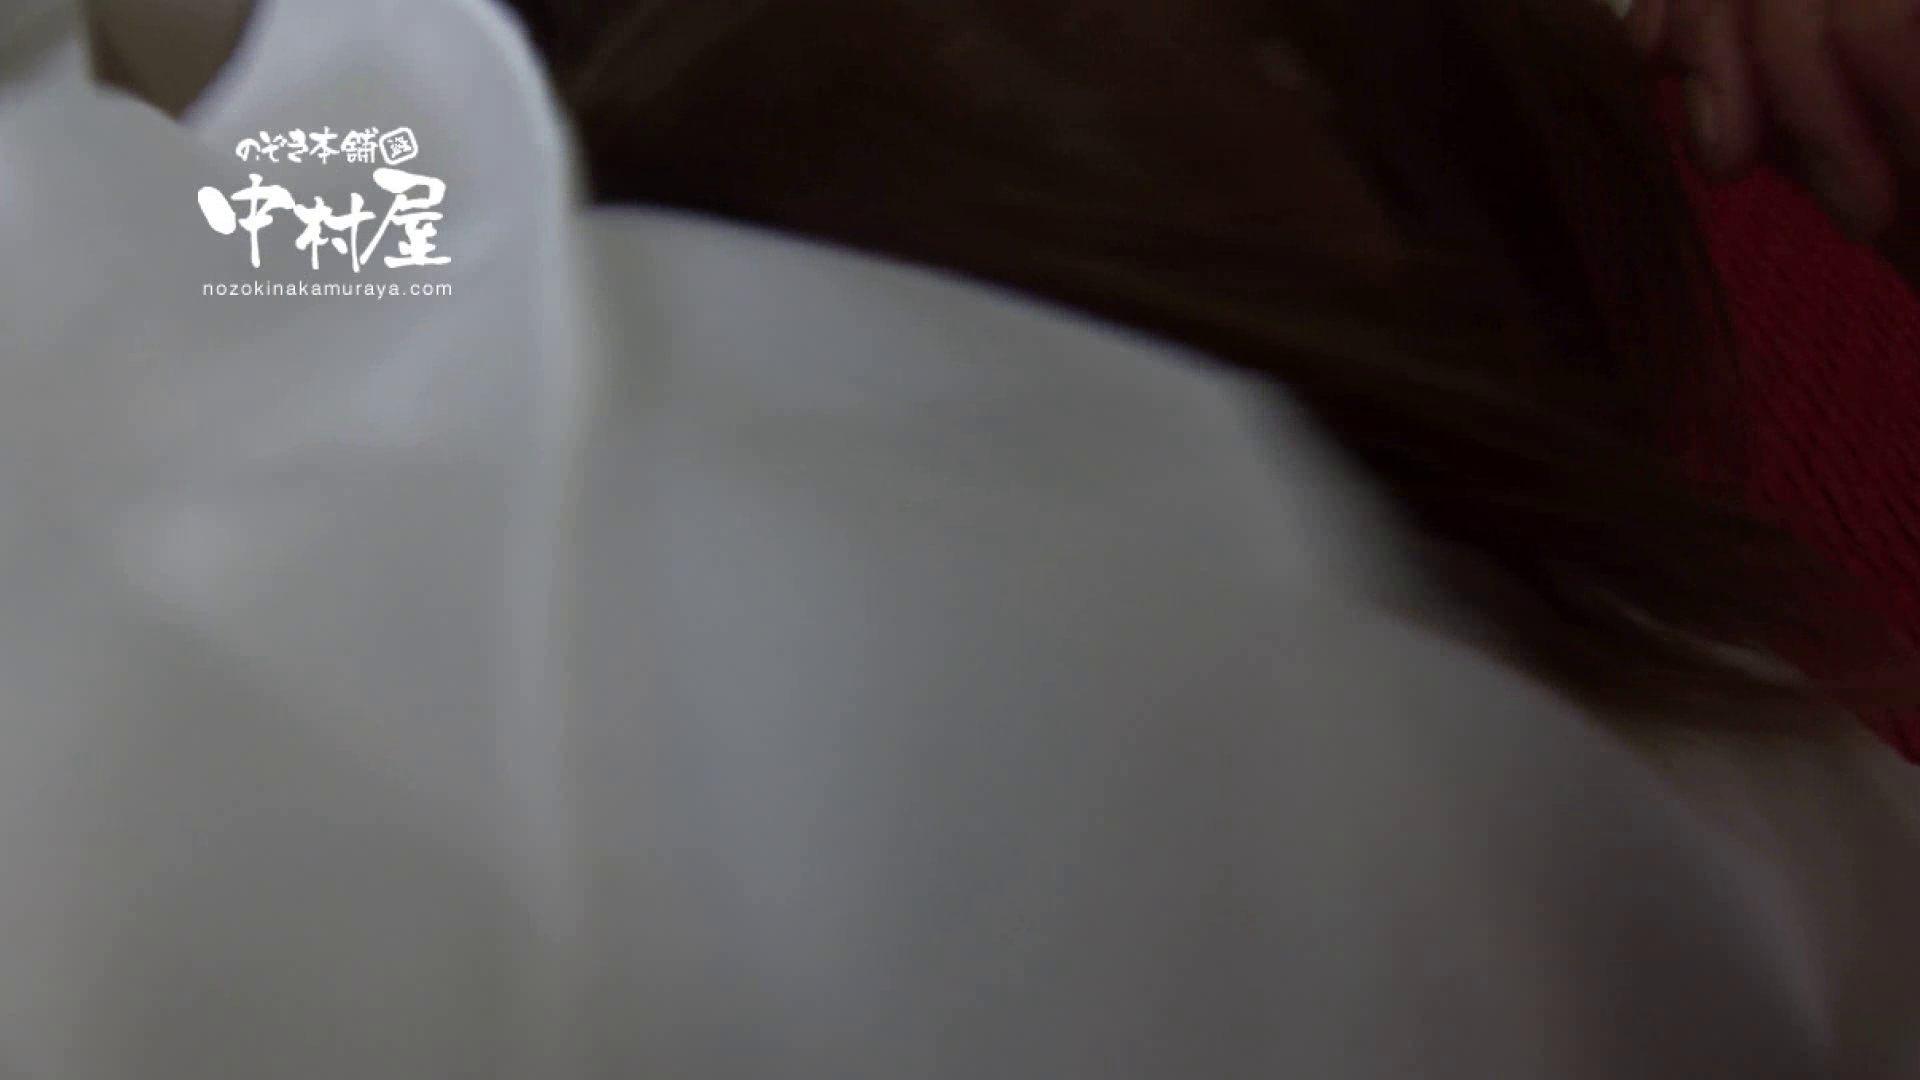 鬼畜 vol.07 パイパンだと?!中出ししてやる! 前編 0  101連発 2